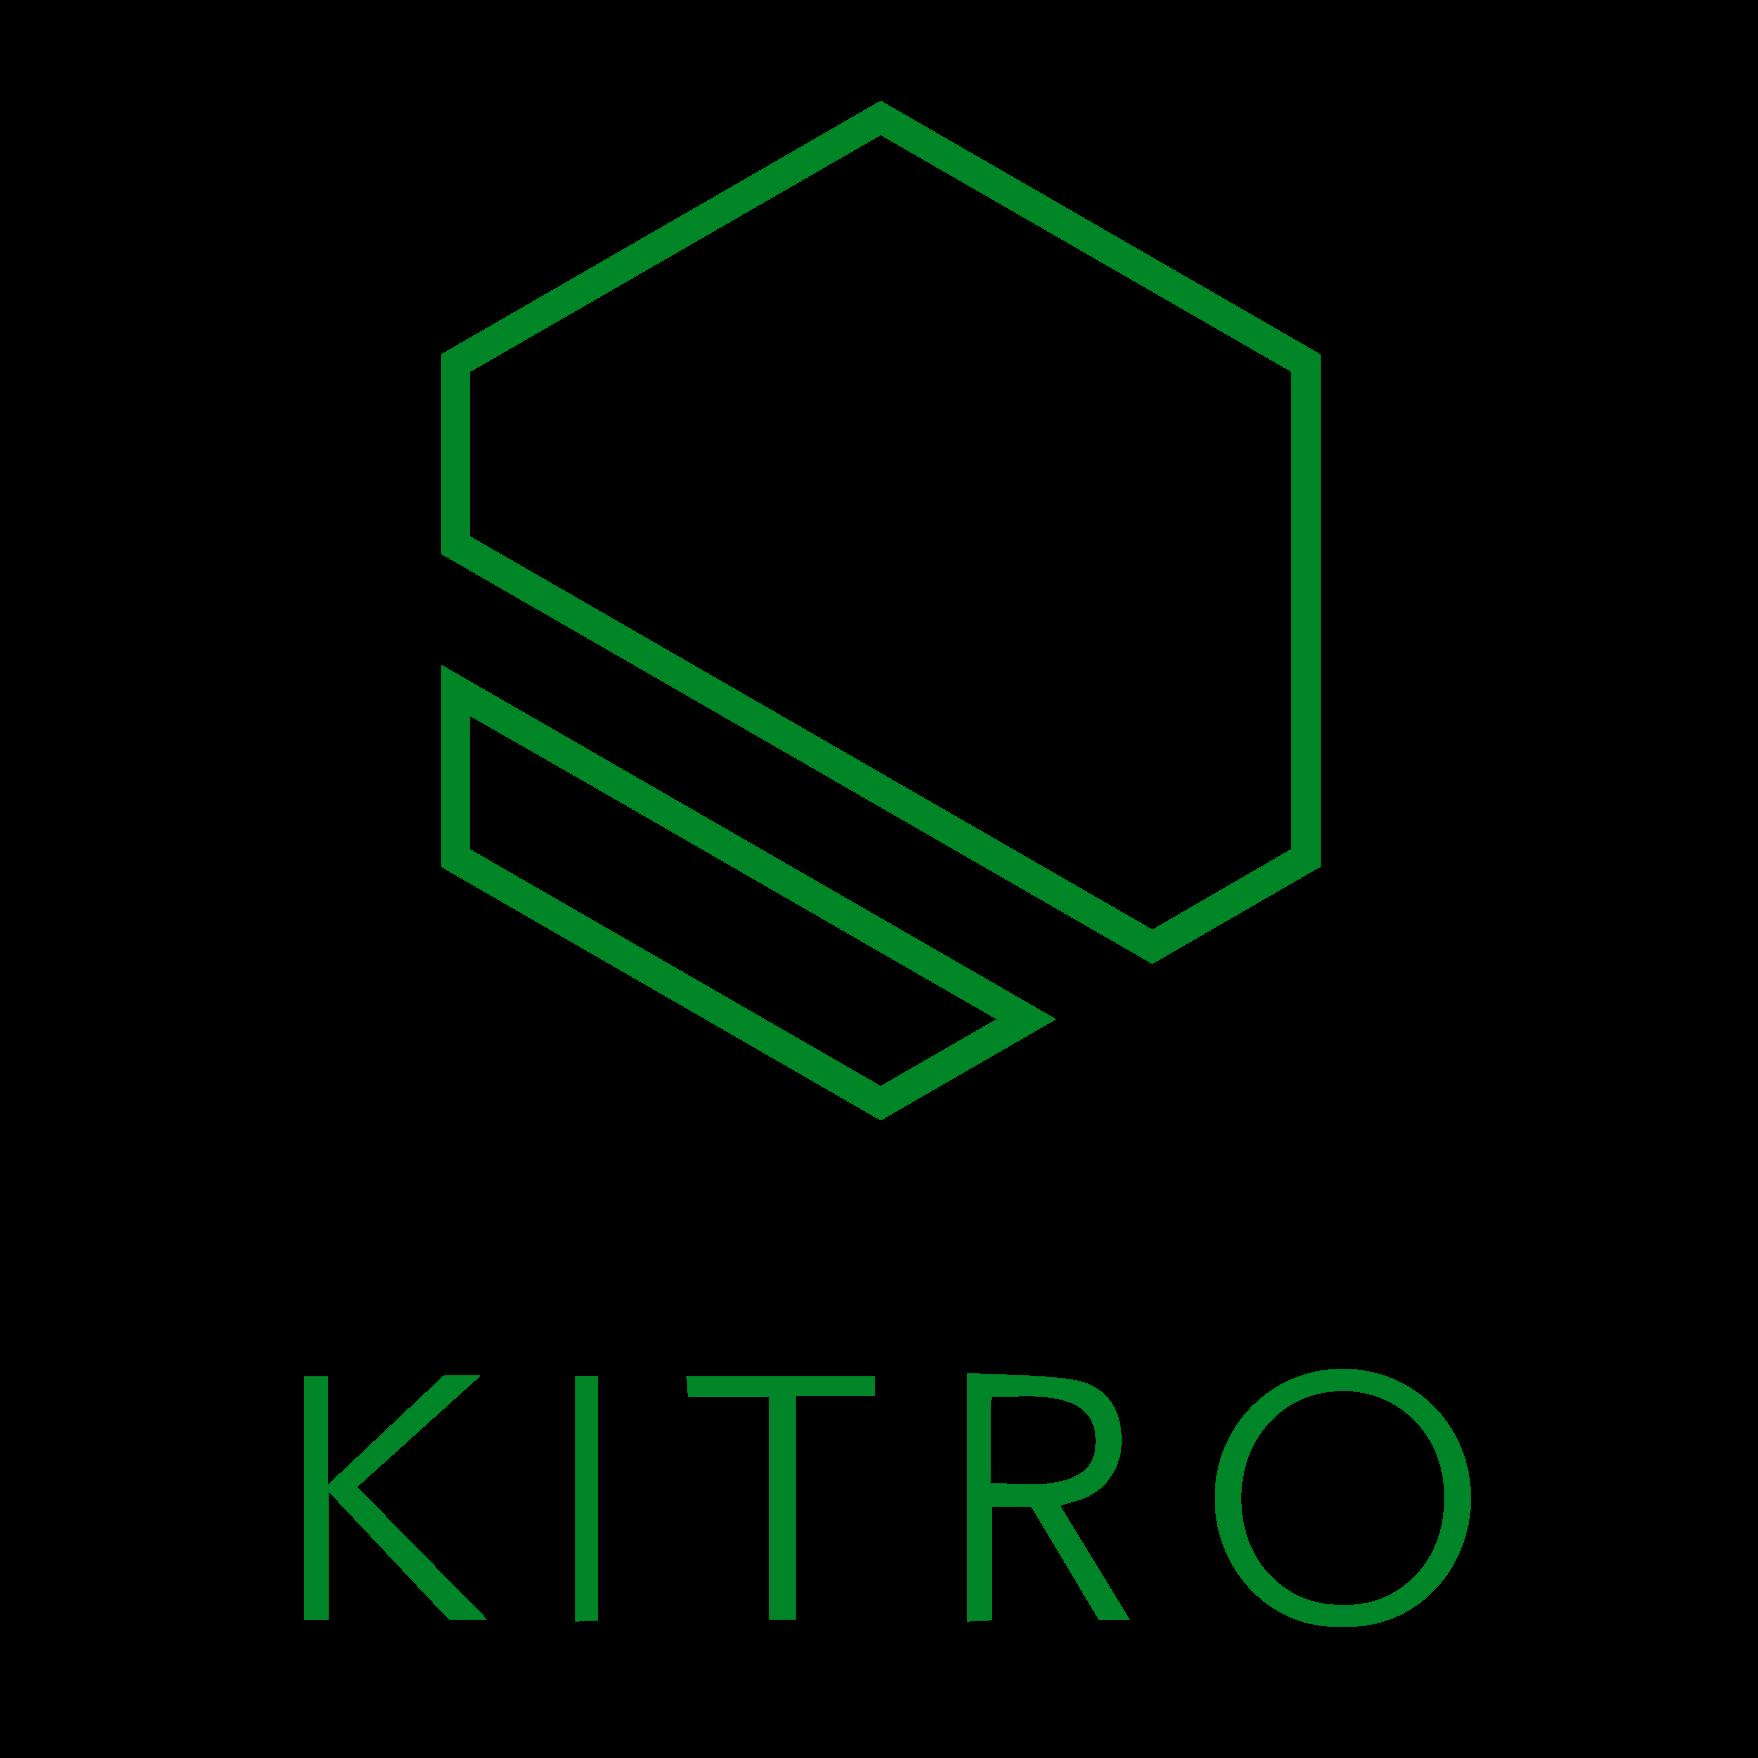 kitro